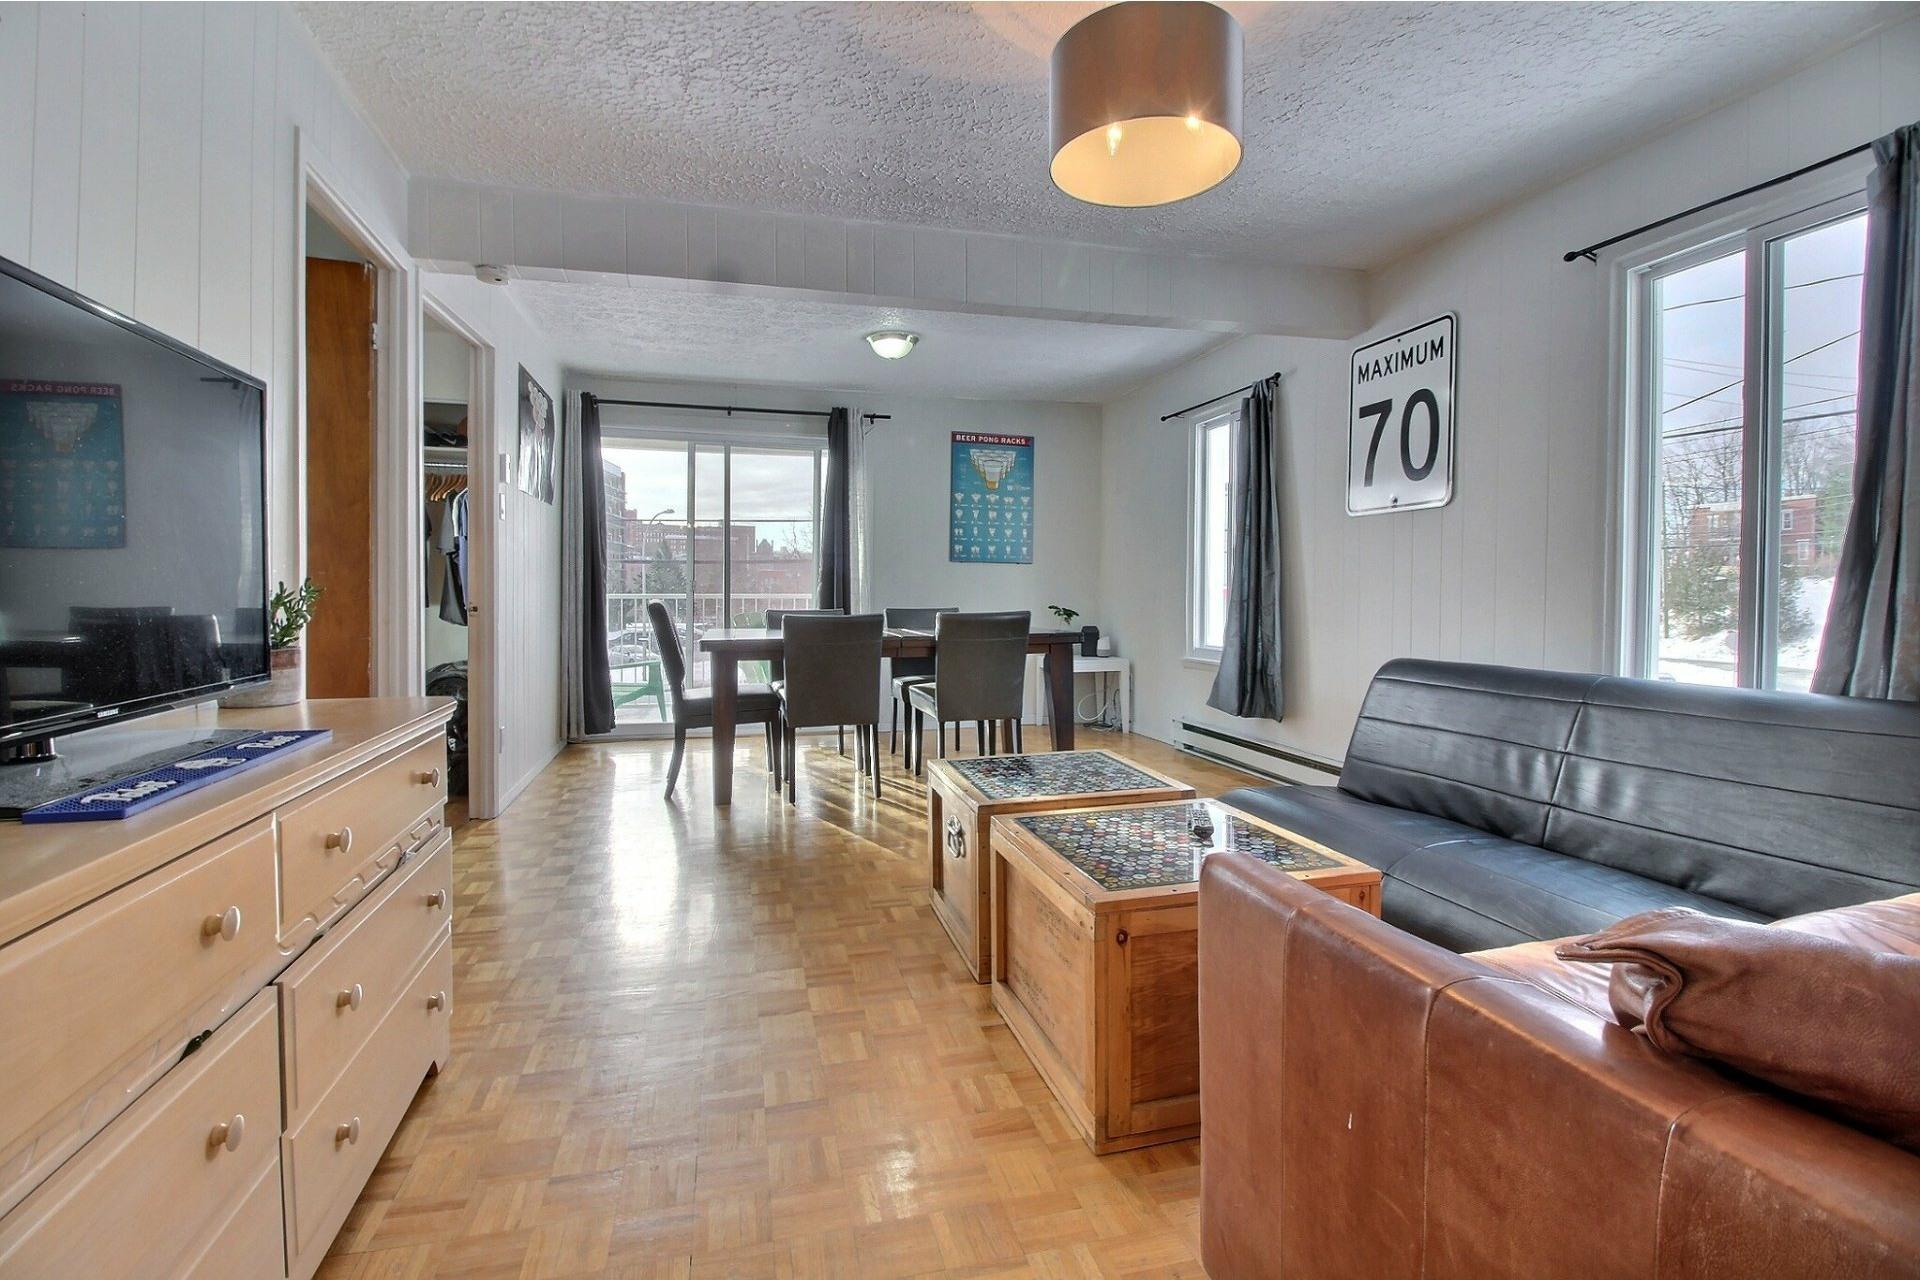 image 15 - Duplex À vendre Fleurimont Sherbrooke  - 4 pièces